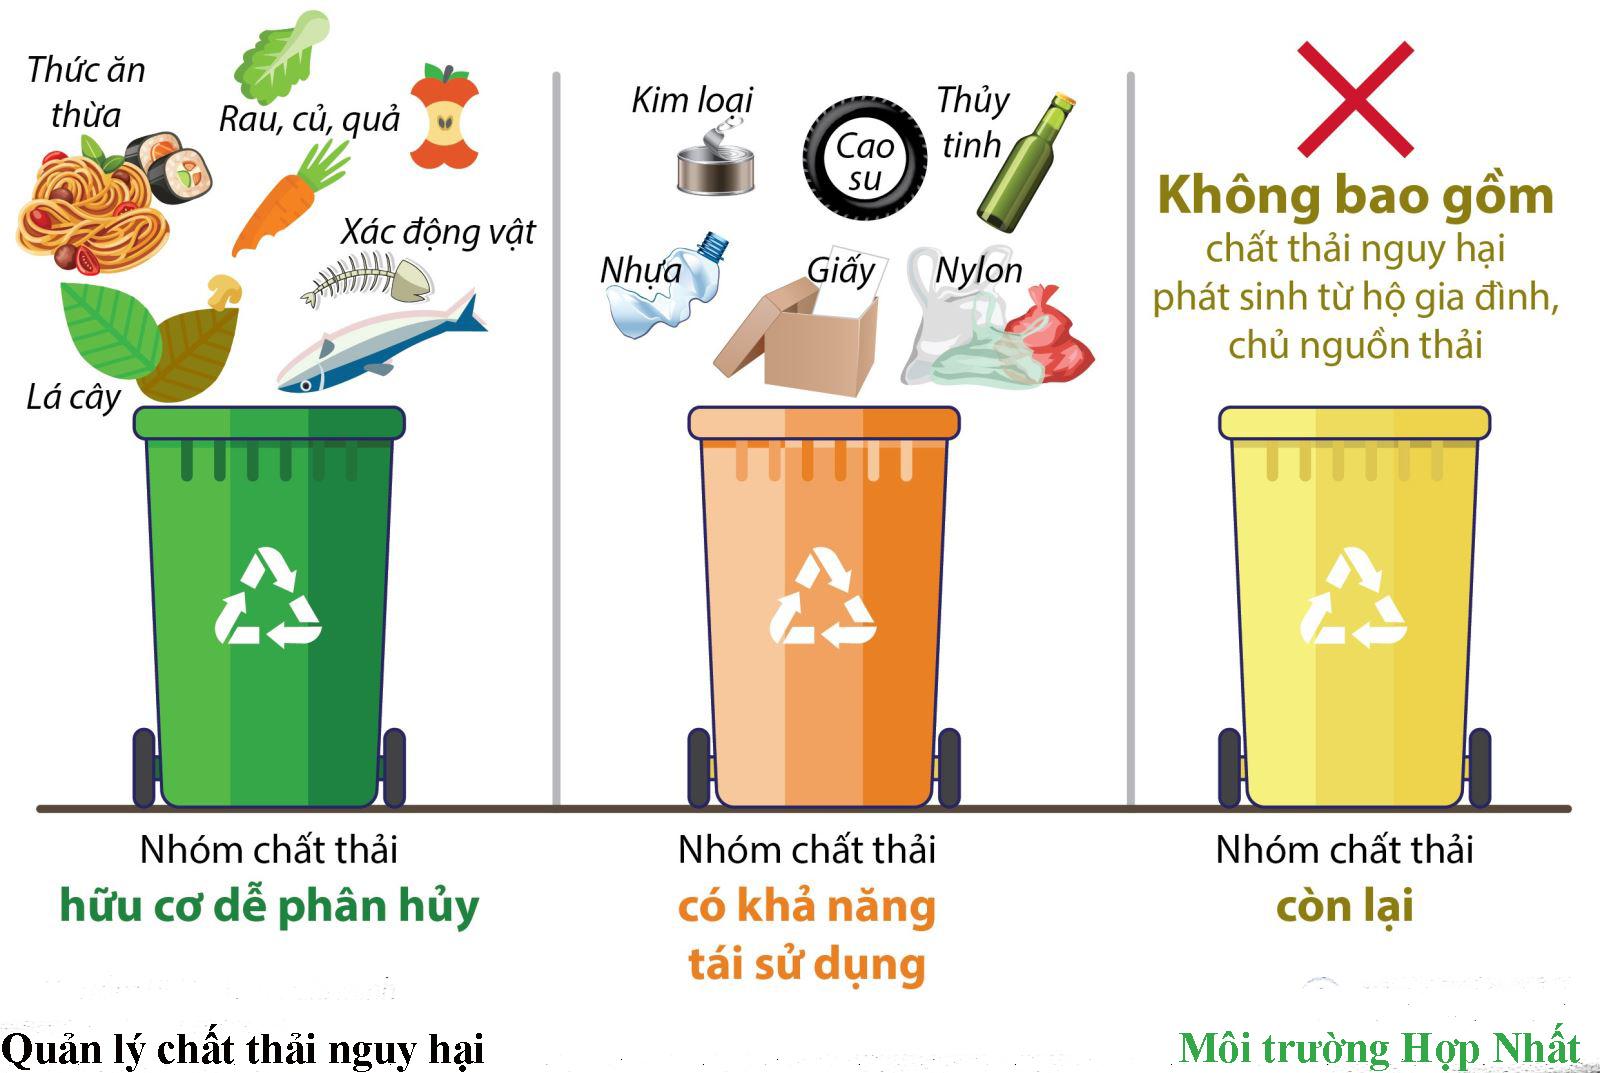 Mô hình quản lý chất thải được thu nhỏ